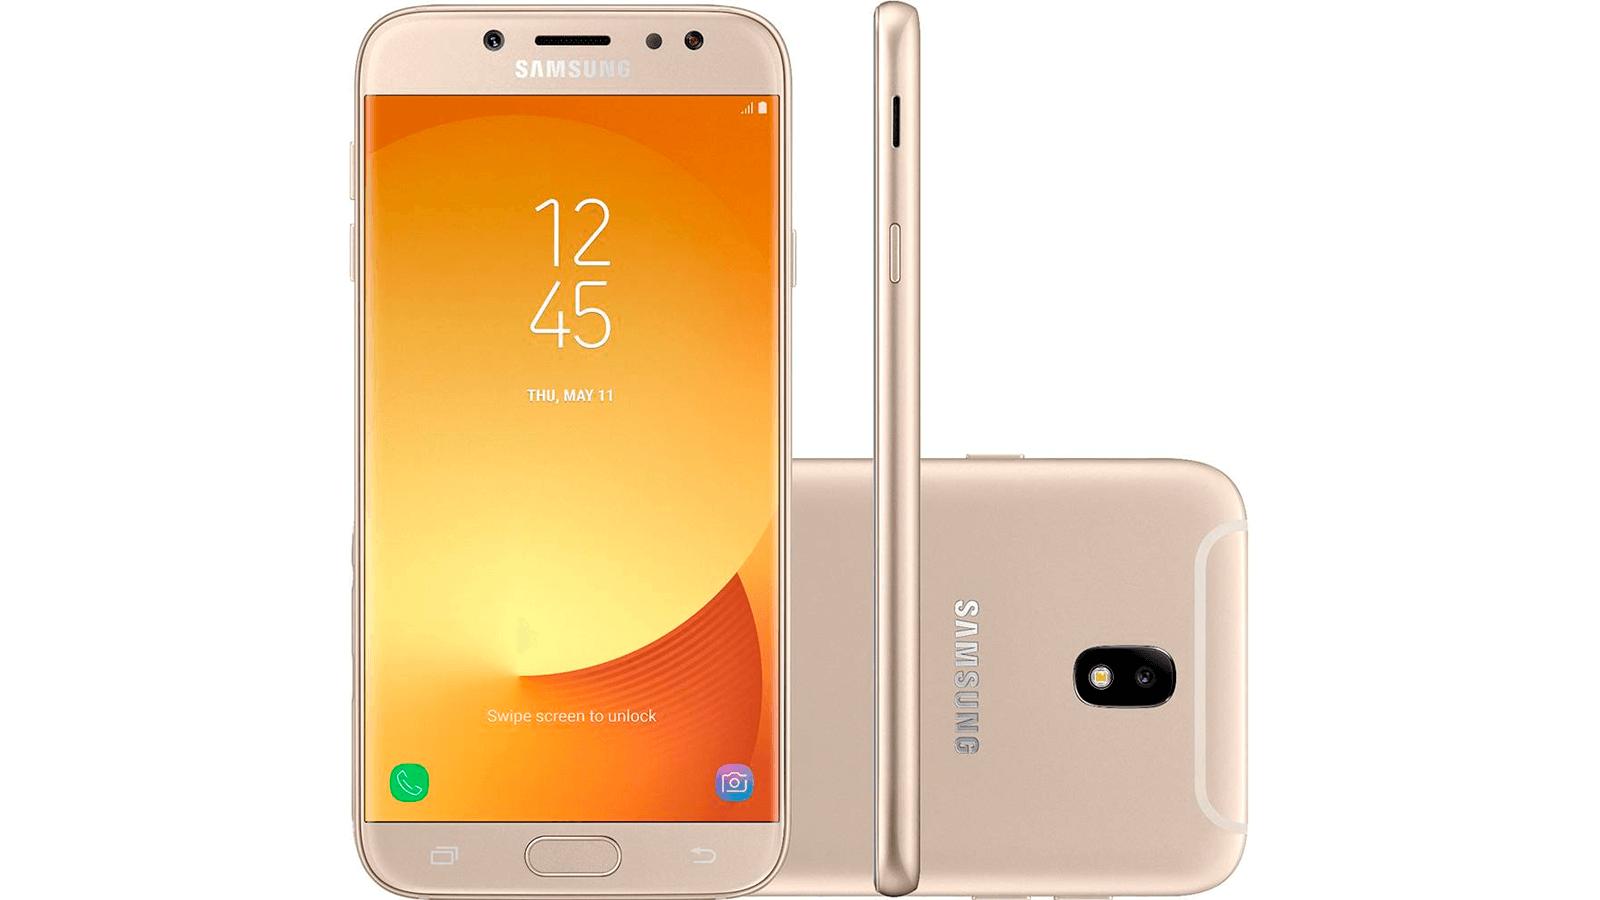 Samsung Galaxy J7 Pro Showmetech - Melhores smartphones intermediários de 2018